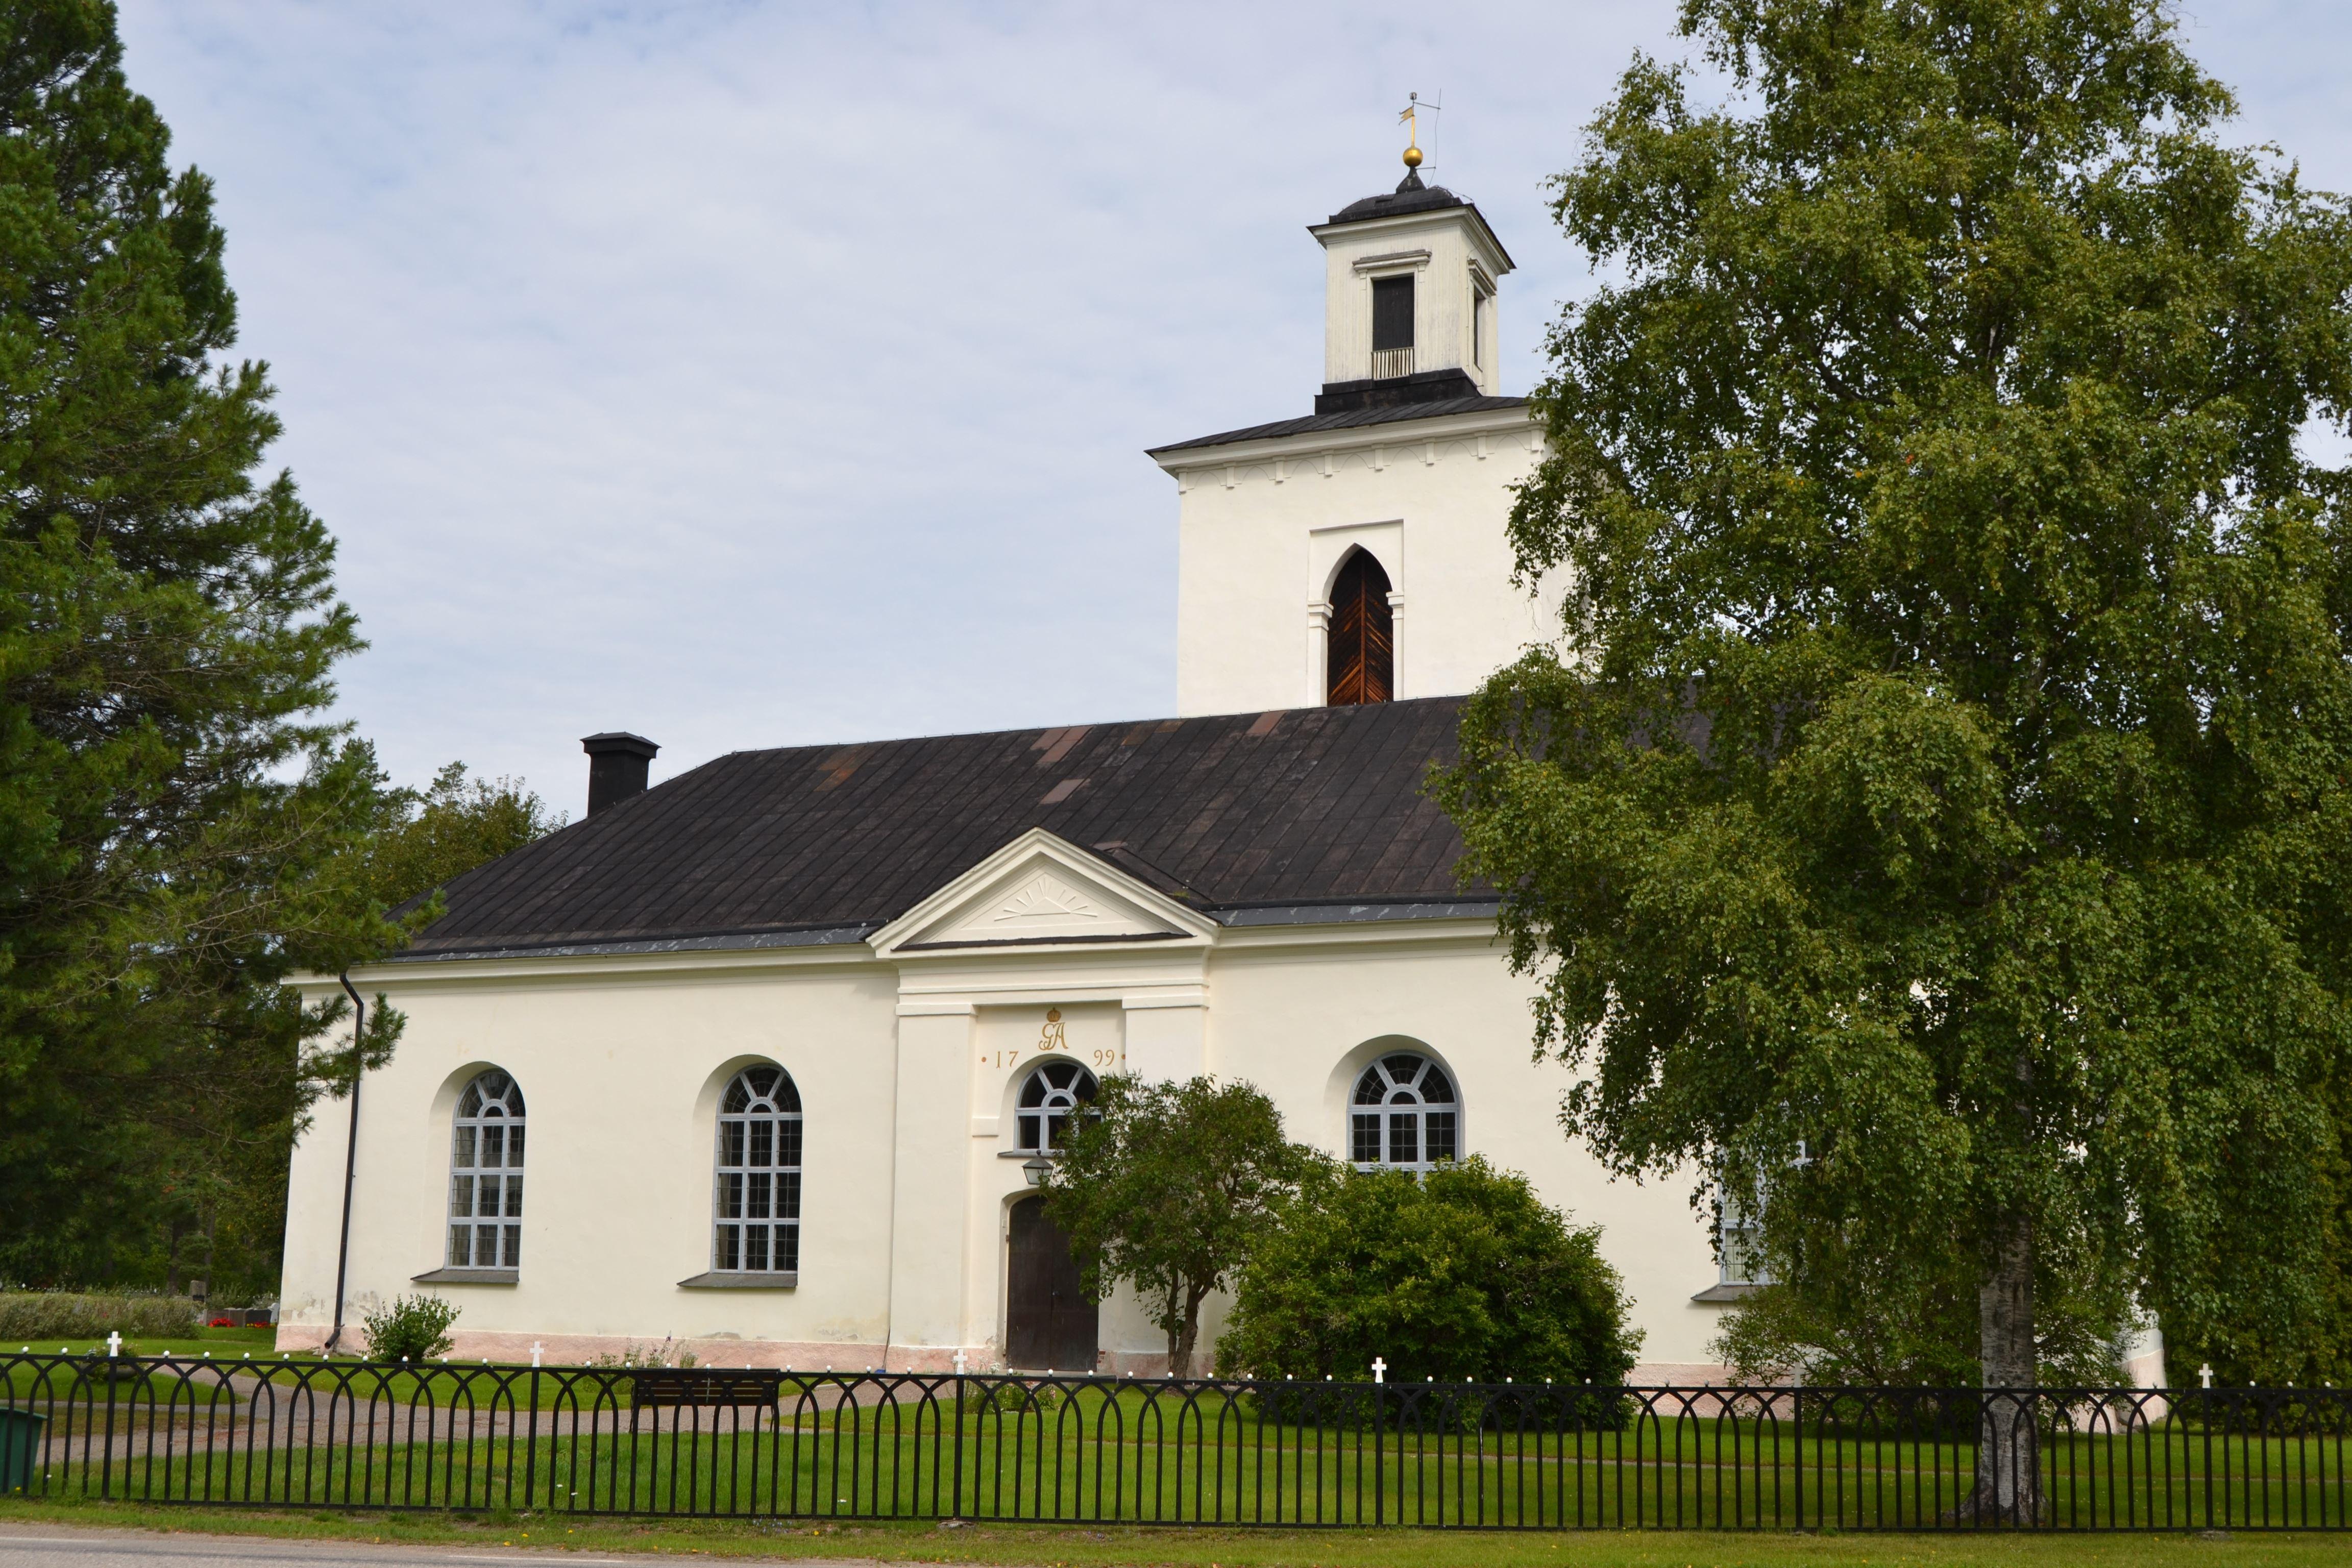 Hgs kyrkogrd Dellenportalen